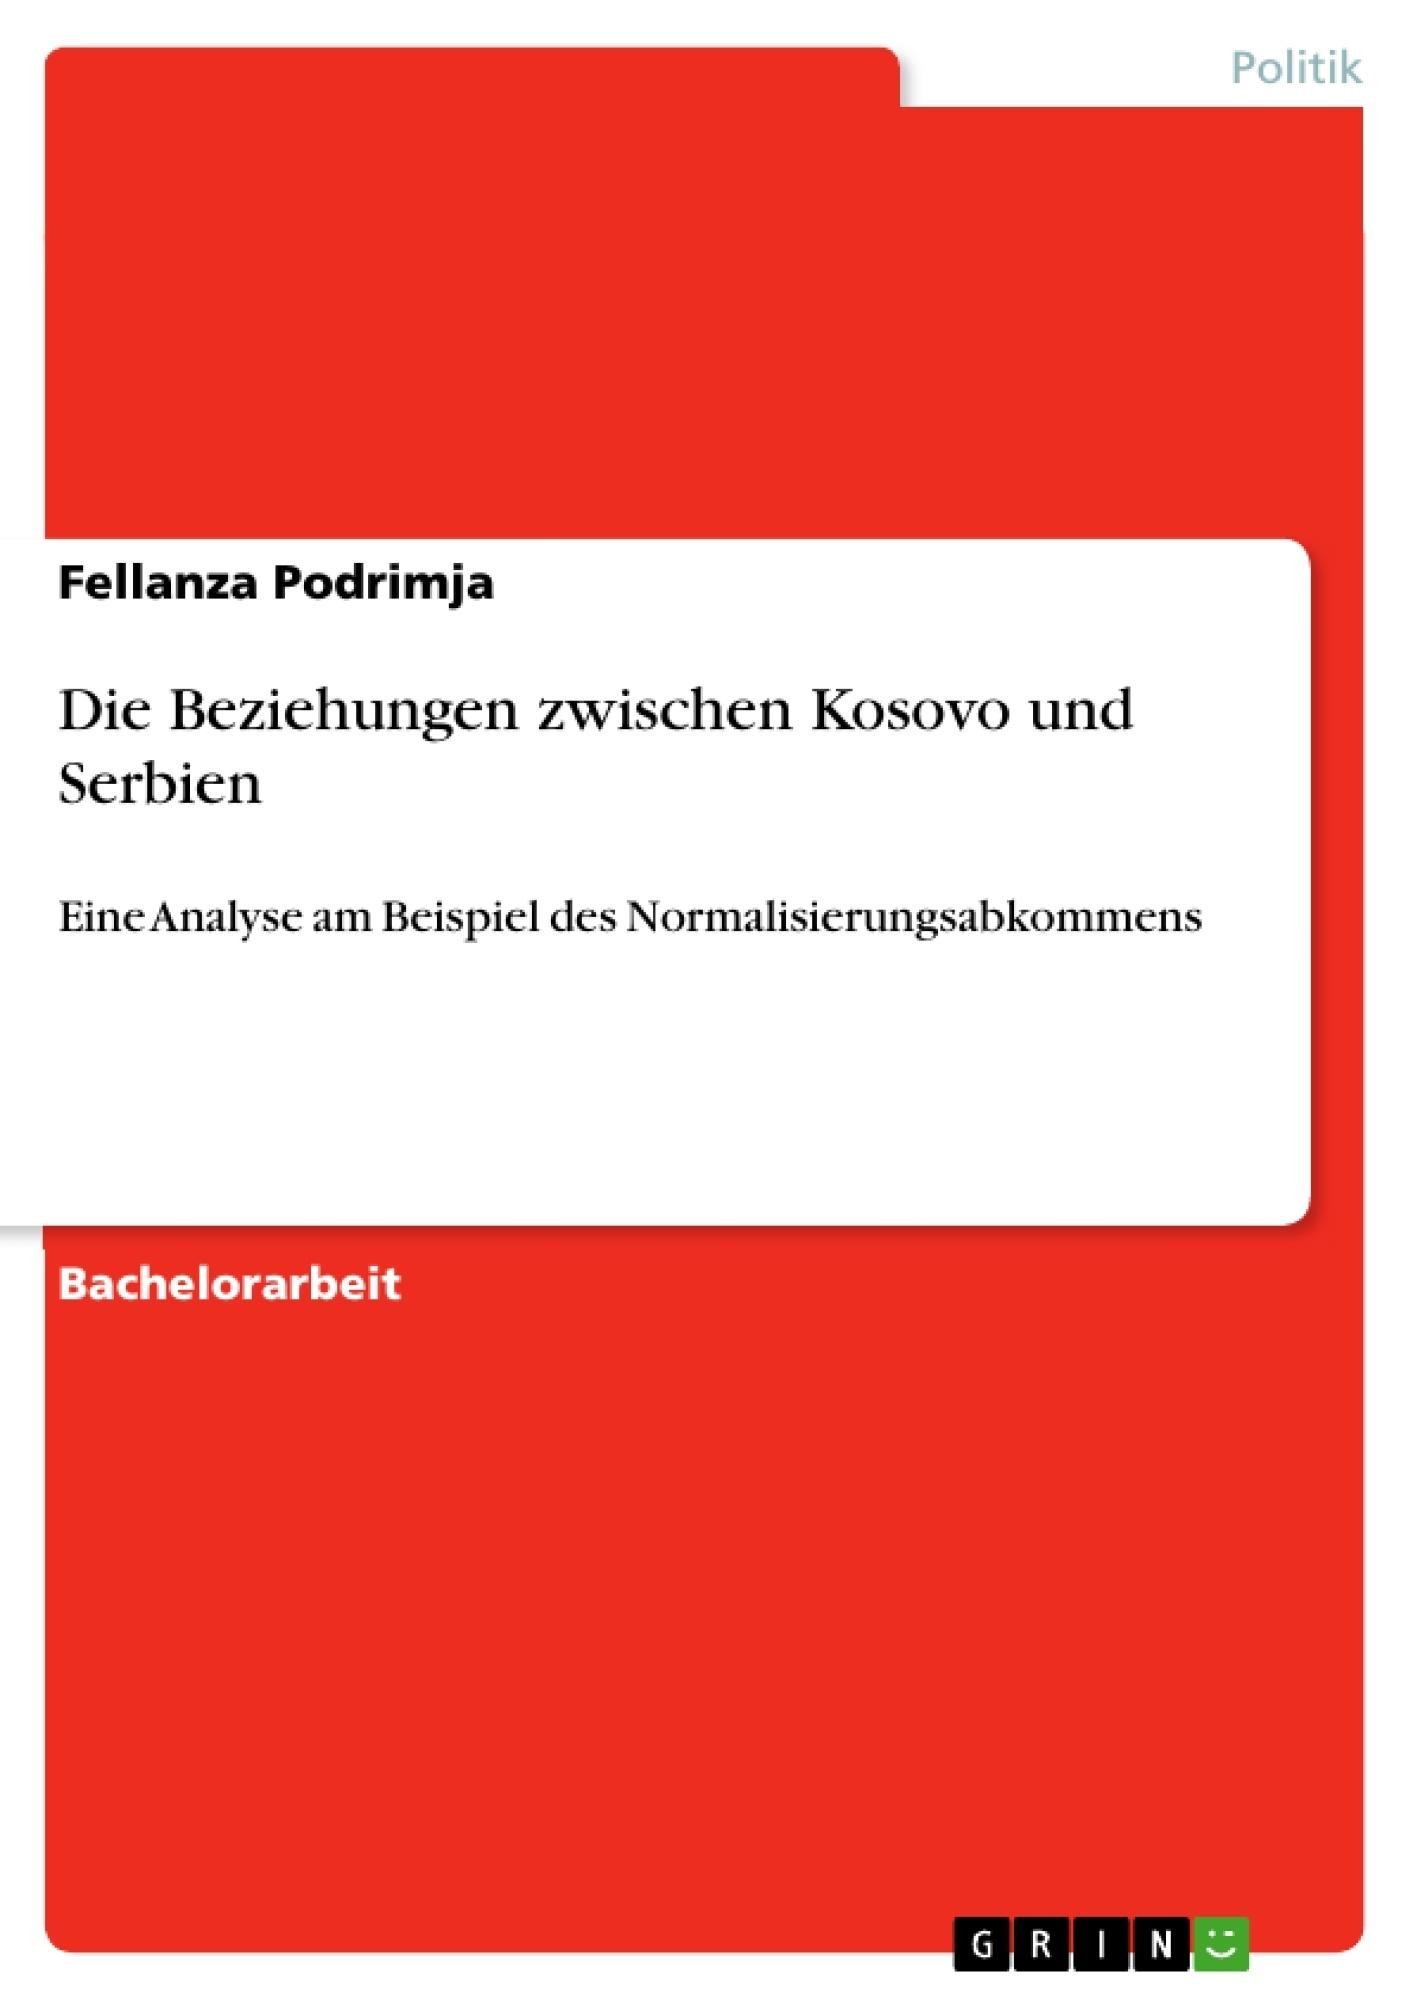 Titel: Die Beziehungen zwischen Kosovo und Serbien